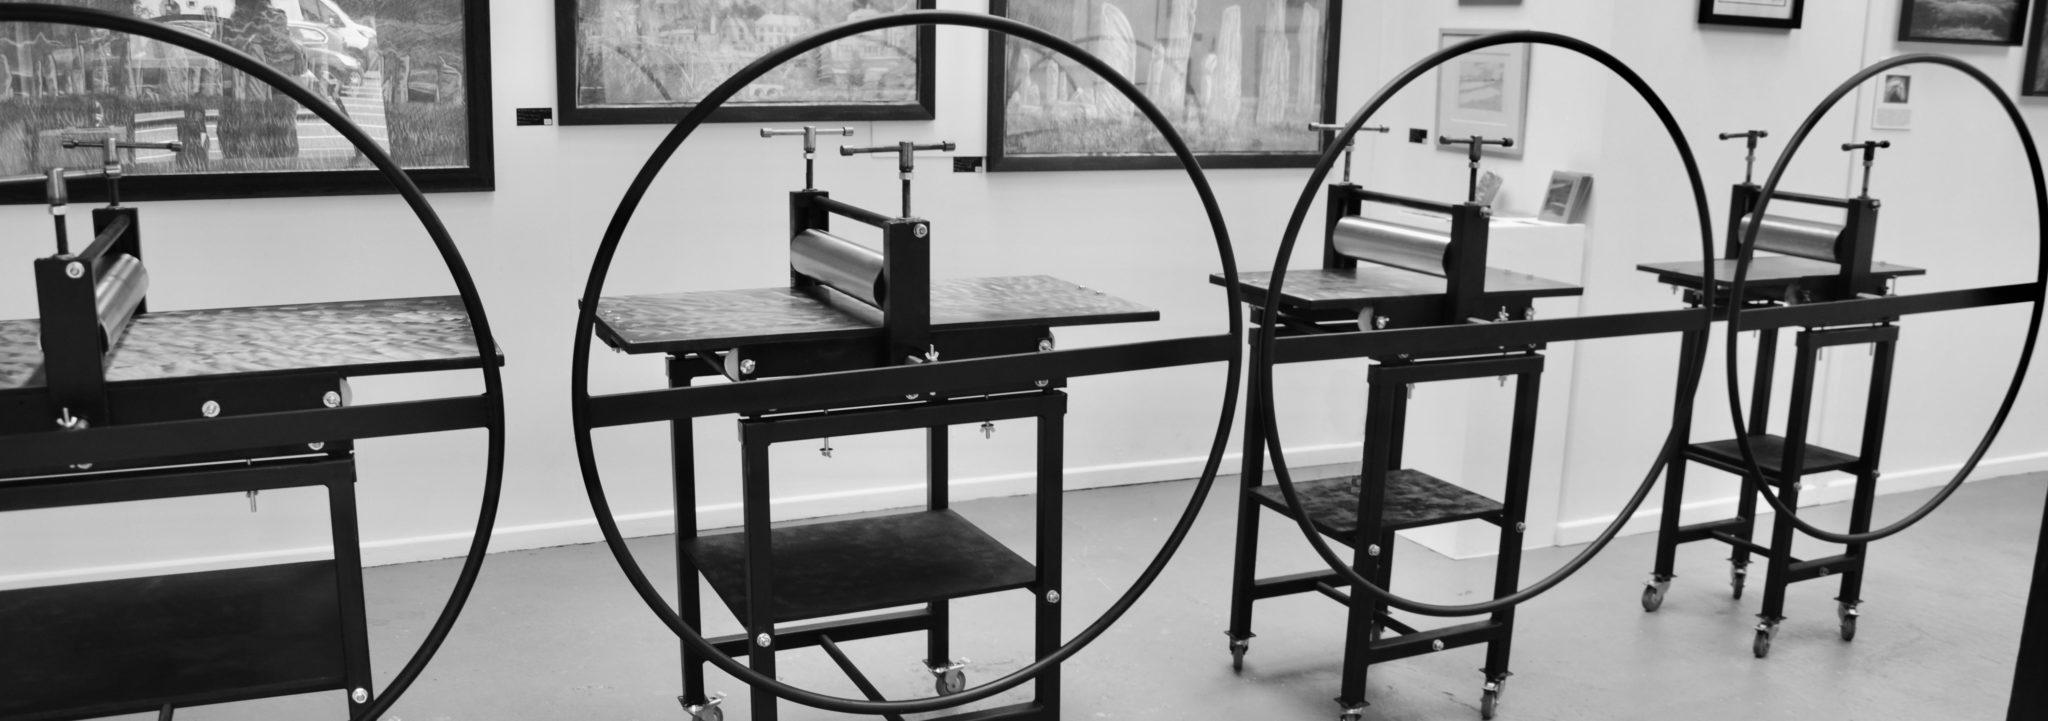 Ironbridge-Gunning-Etching-printing-press